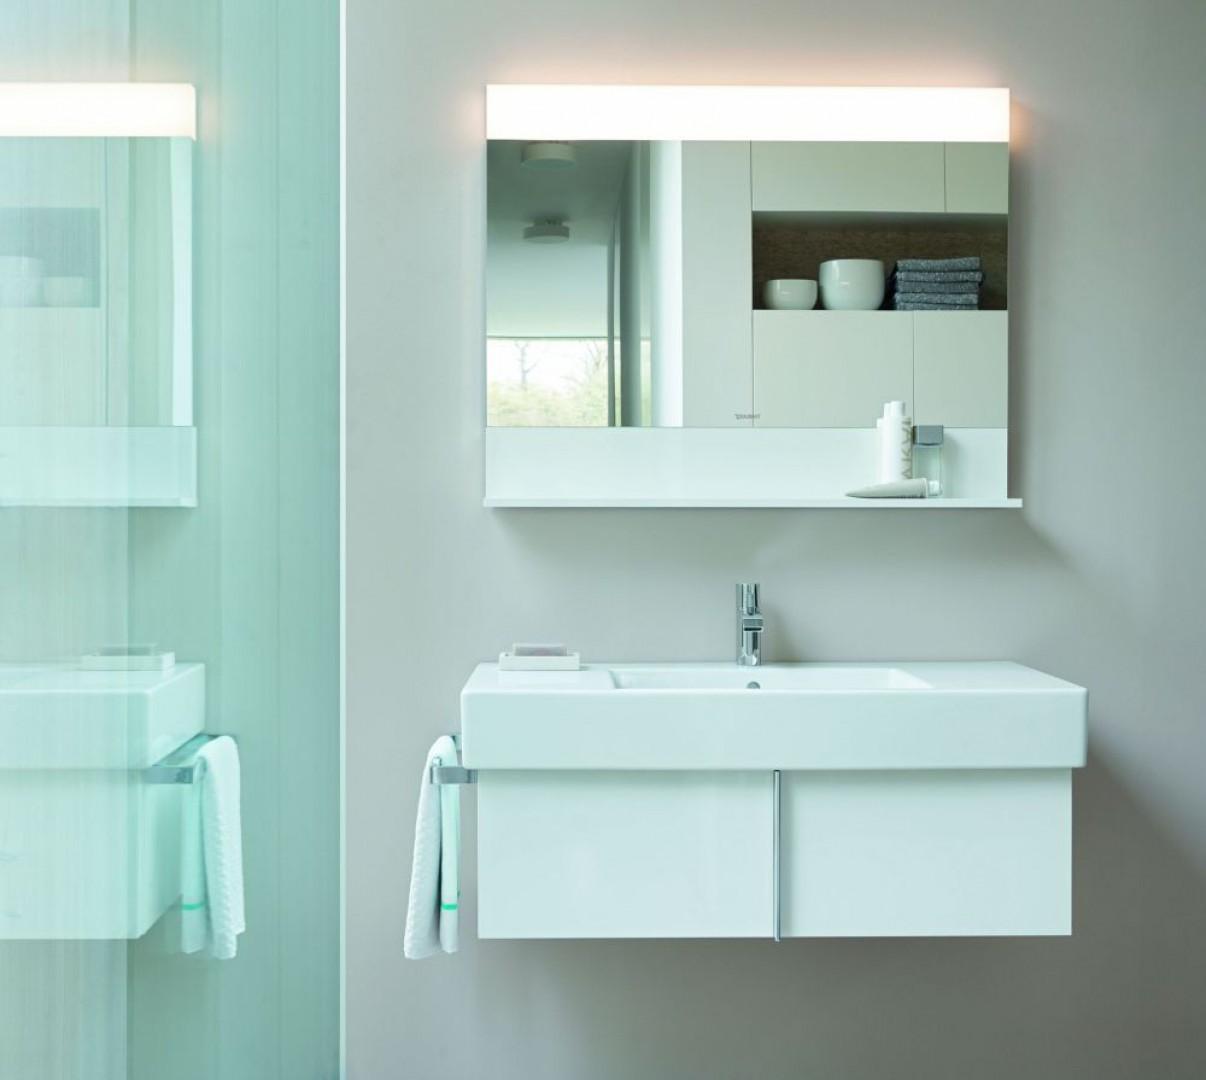 Kolekcja mebli łazienkowych Vero firmy Duravit. Fot. Duravit